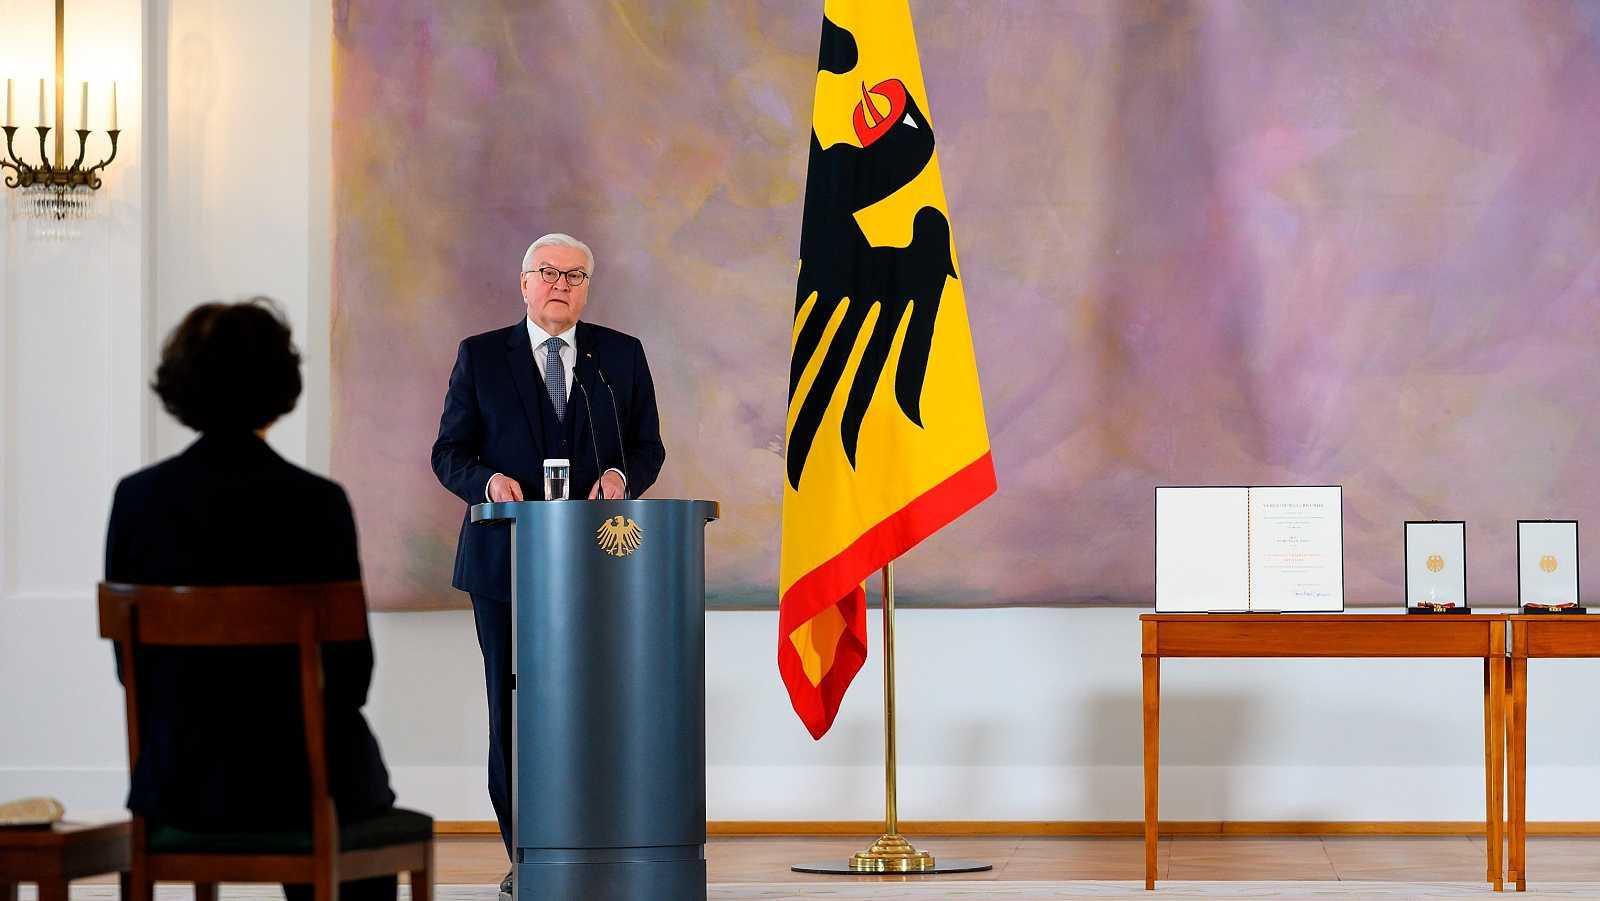 El presidente alemán Frank-Walter Steinmeier es el encargado de ratificar el Fondo de Recuperación